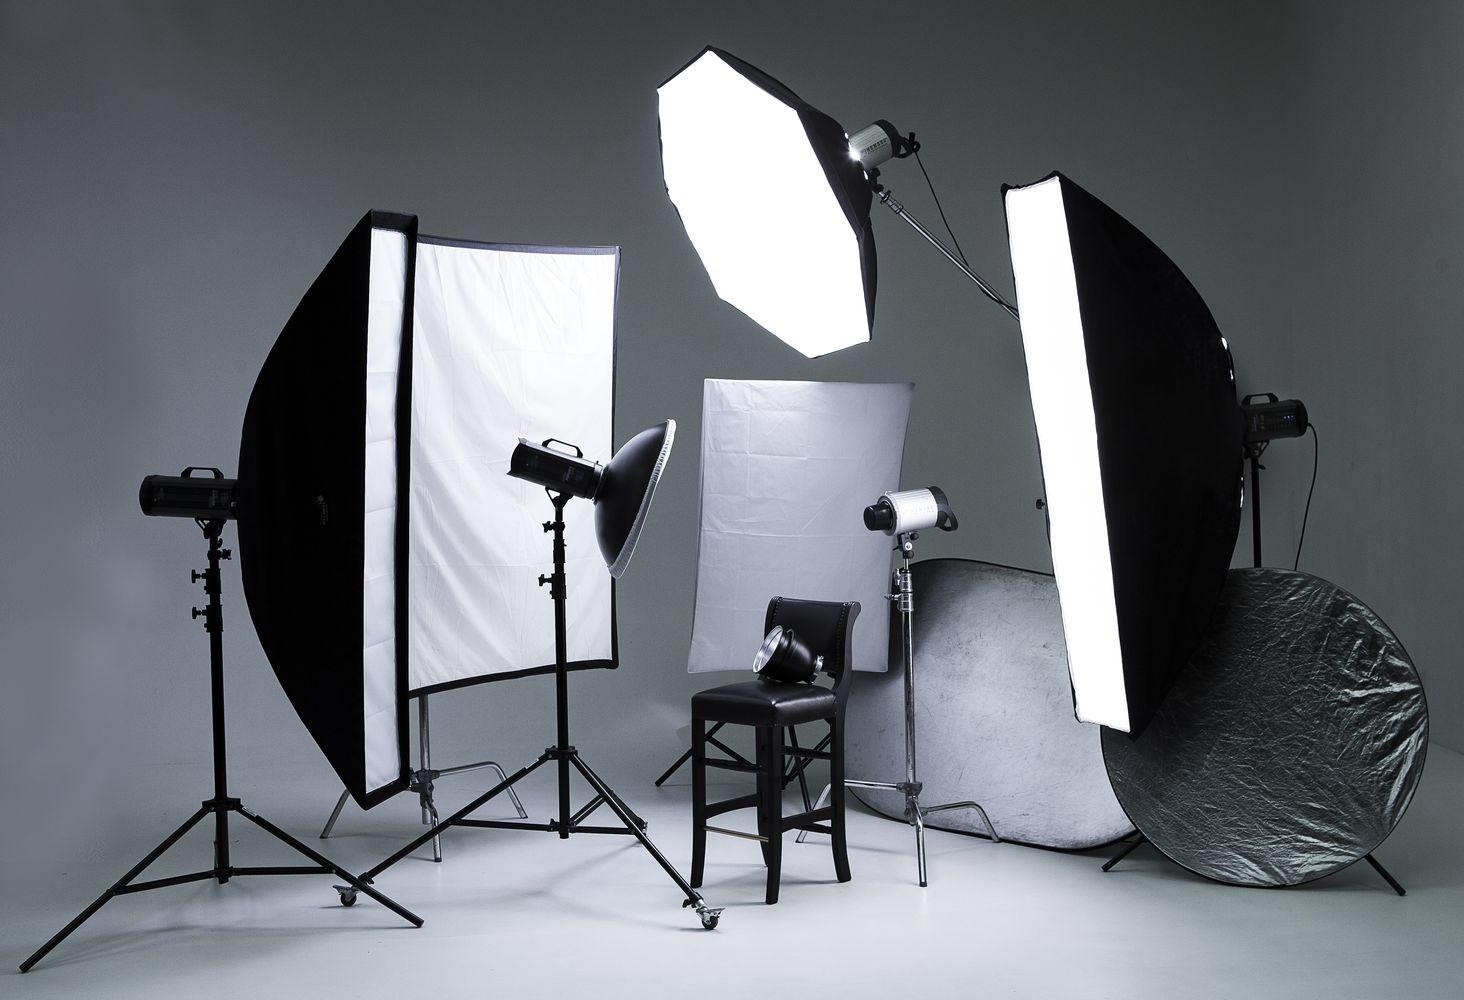 свет для студийной фотосъемки мне